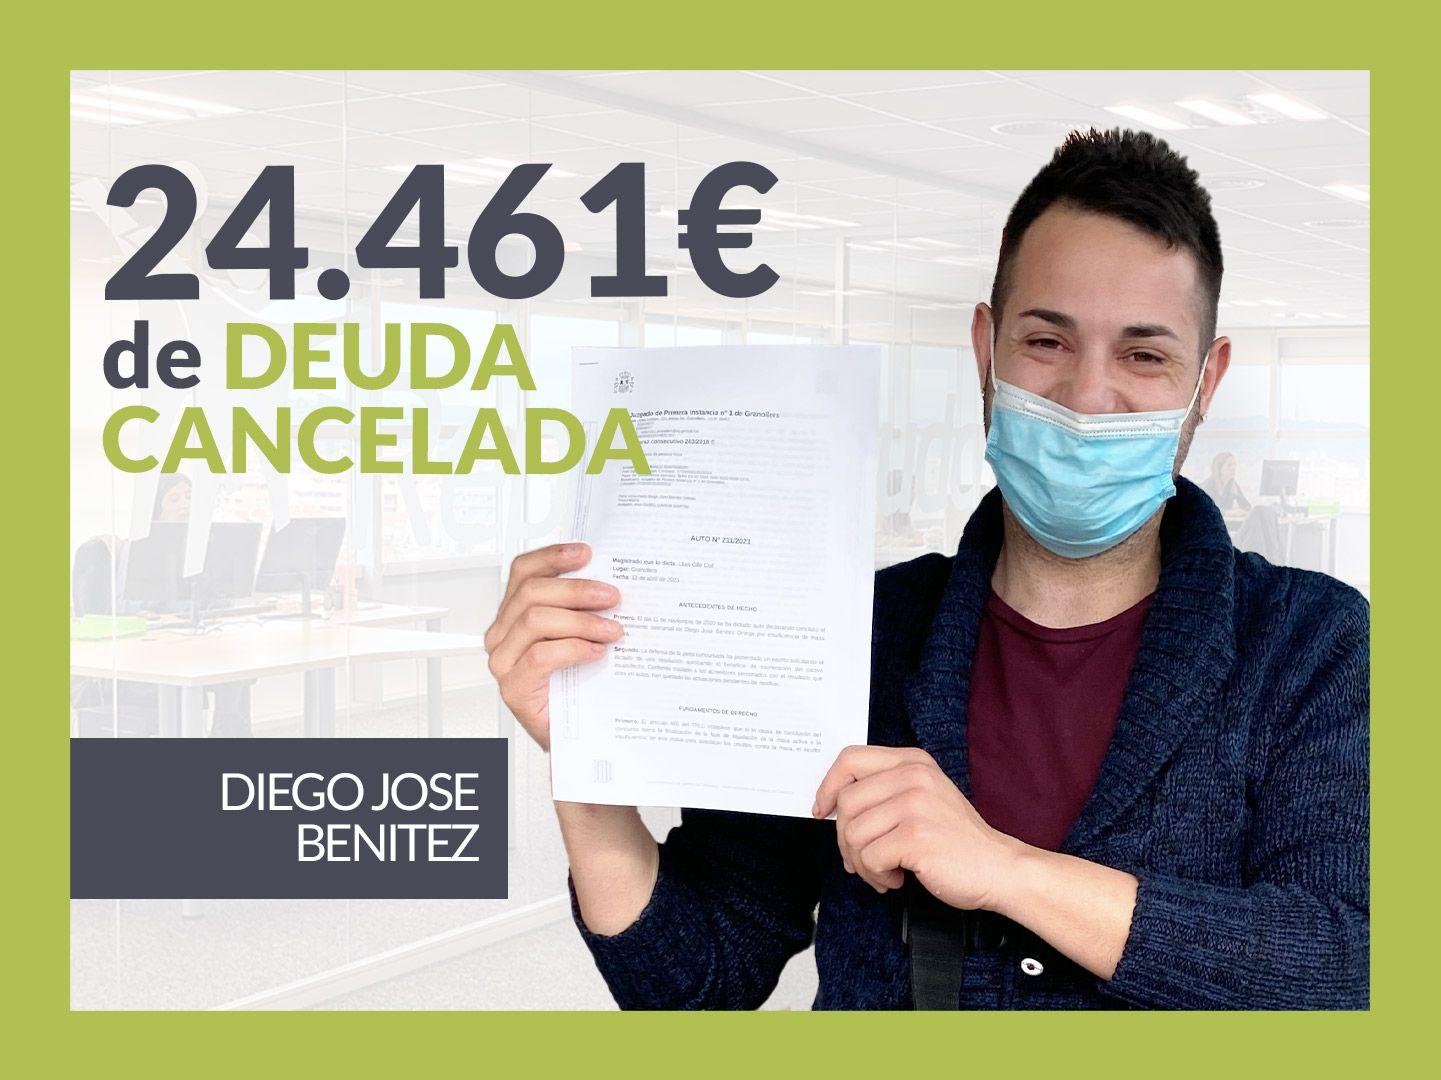 Foto de Diego José Benítez, exonerado con Repara Tu Deuda con la